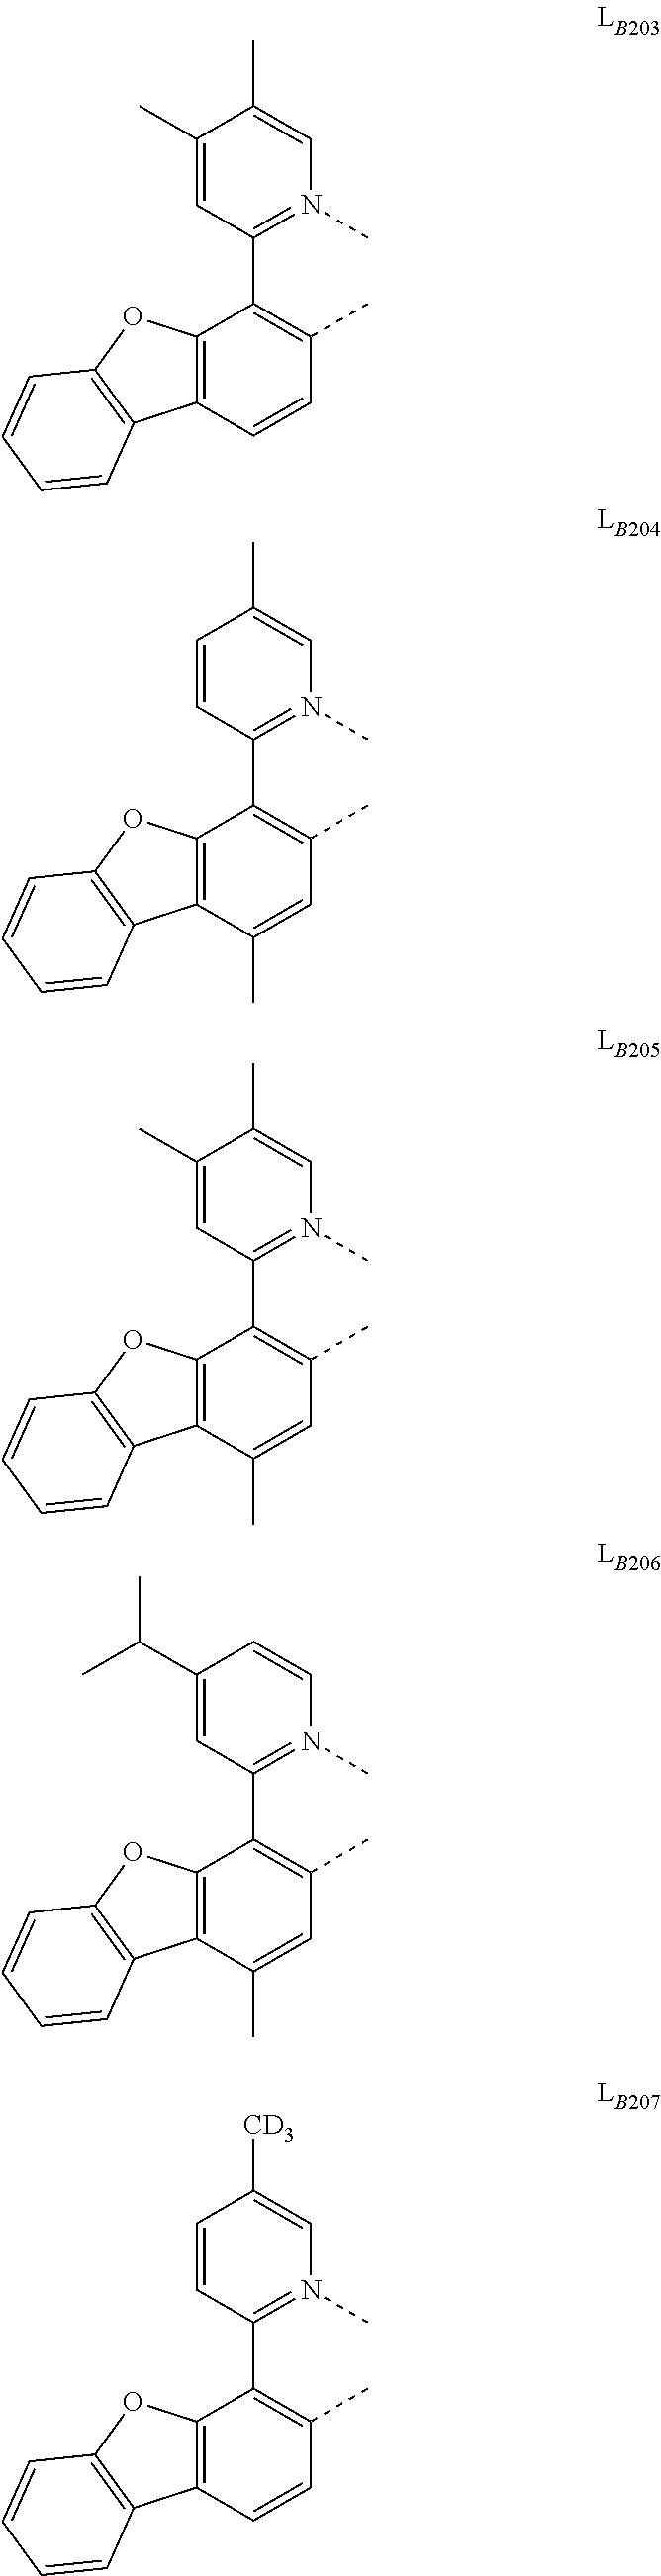 Figure US20180130962A1-20180510-C00107